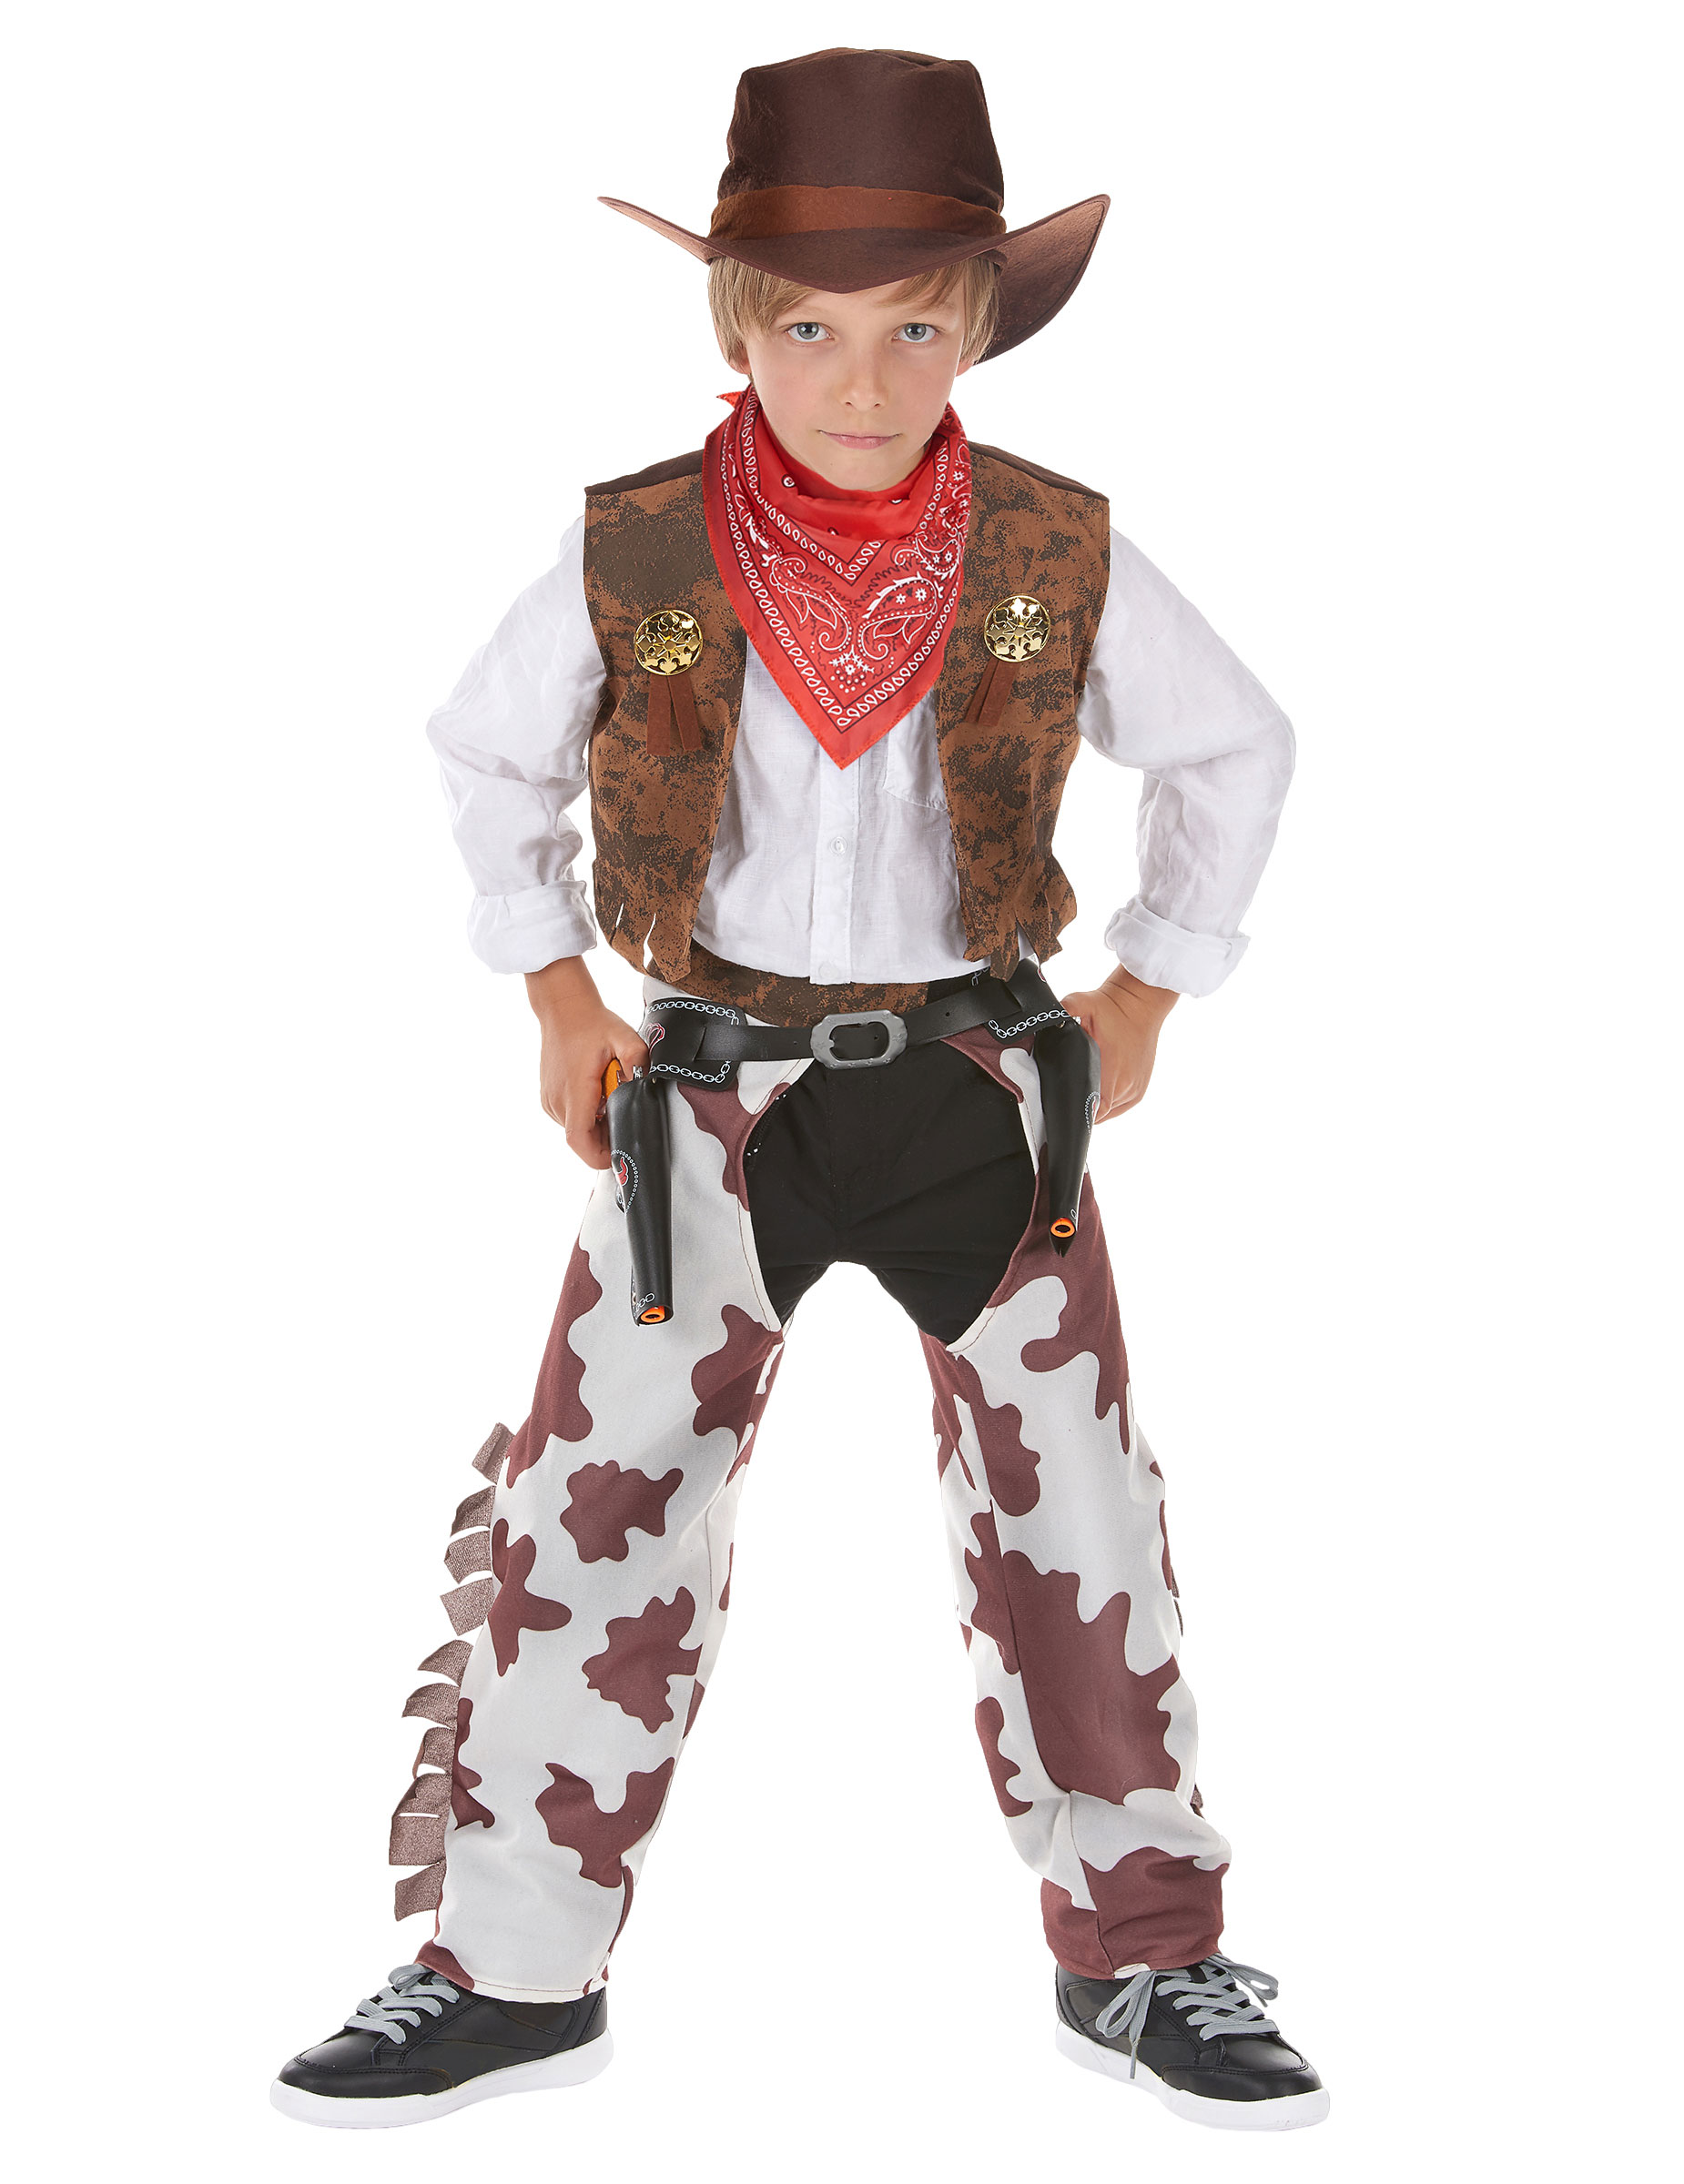 Alle Kinder Kostume Und Faschingskostume Ab 10 Jahre